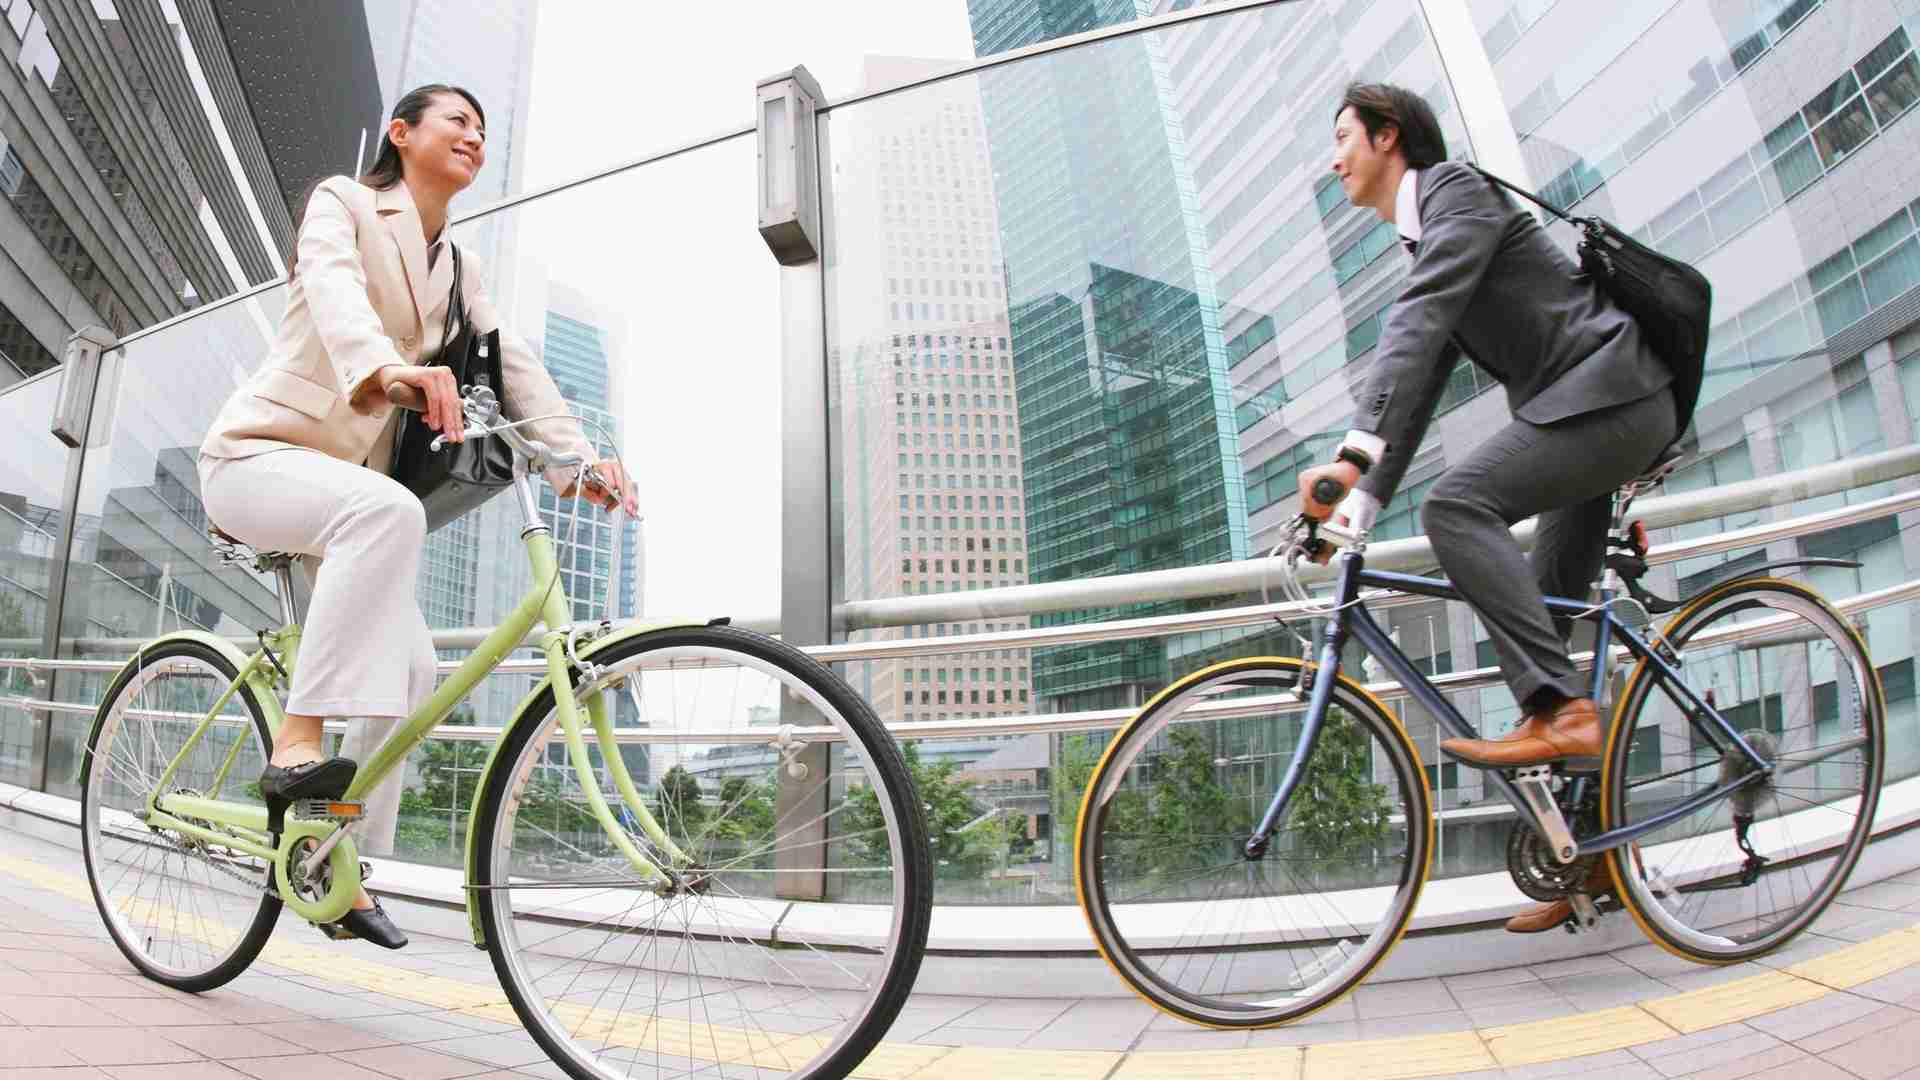 健康のためには「自転車」というこれだけの理由(石田雅彦) - 個人 - Yahoo!ニュース